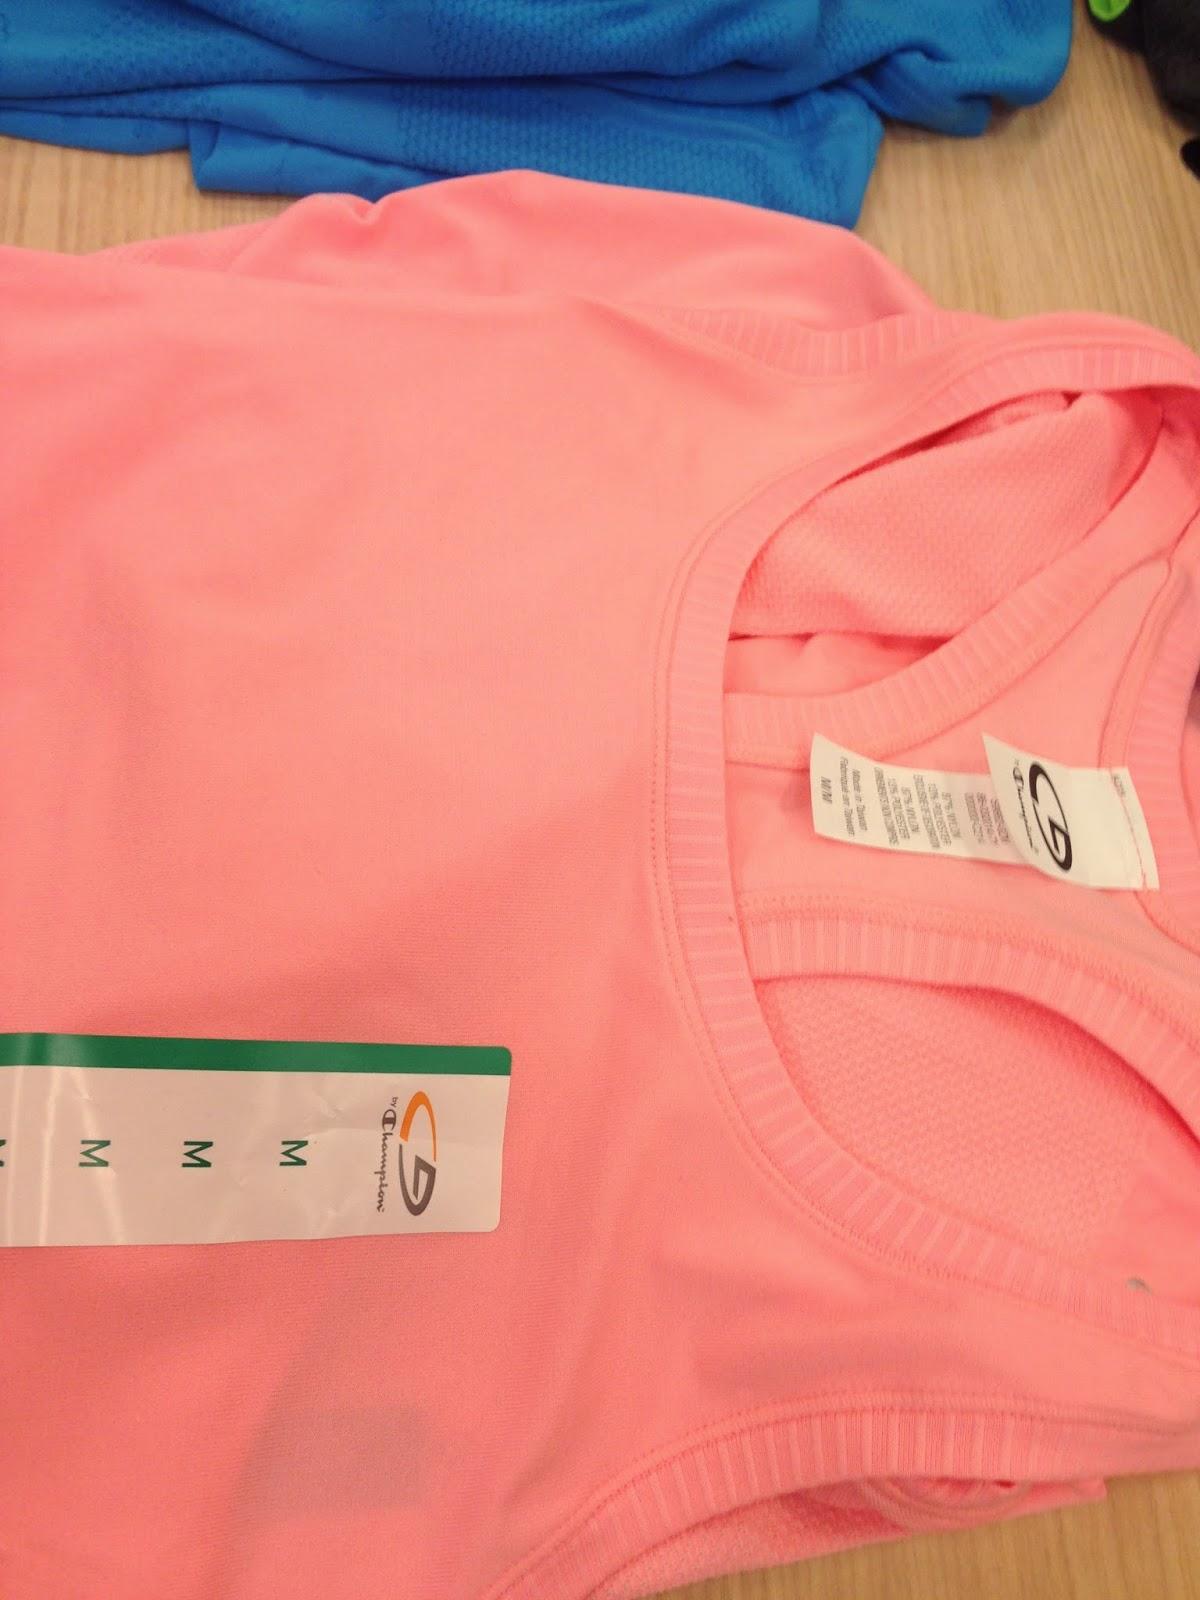 Style Athletics Hot Pink Orange Target C9 Tank Top